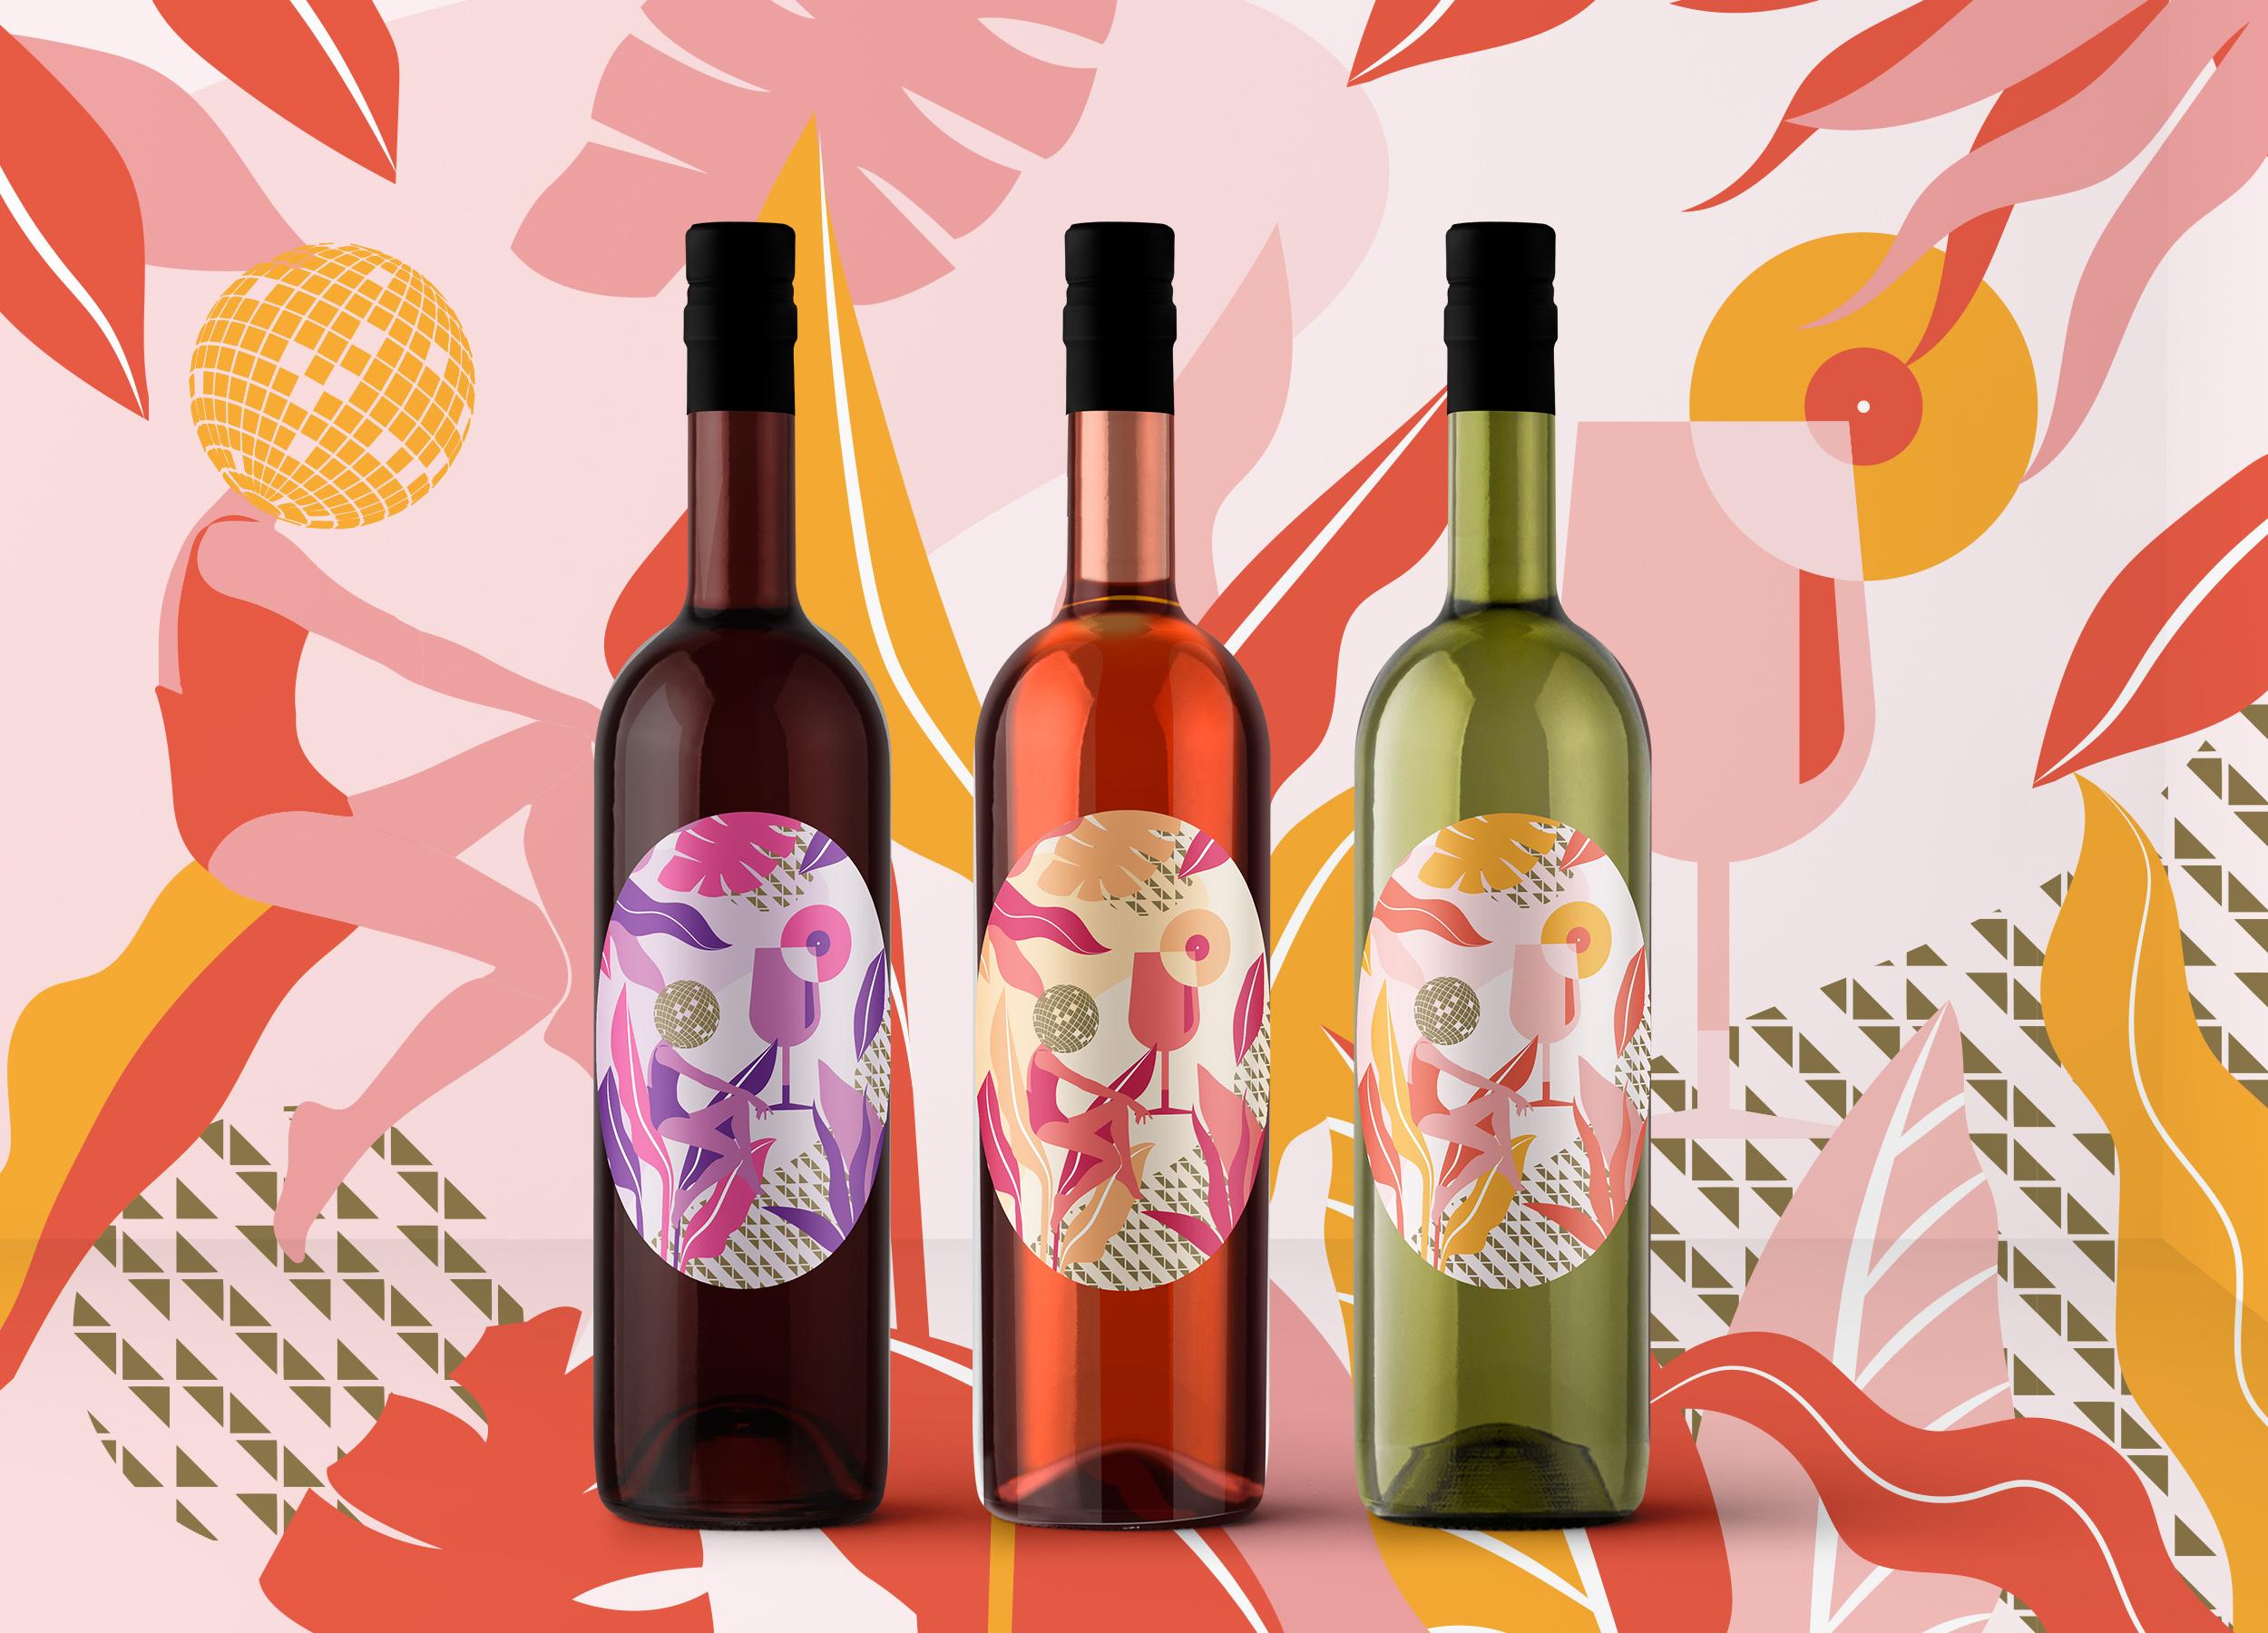 distil prince of york oval wine label illustration